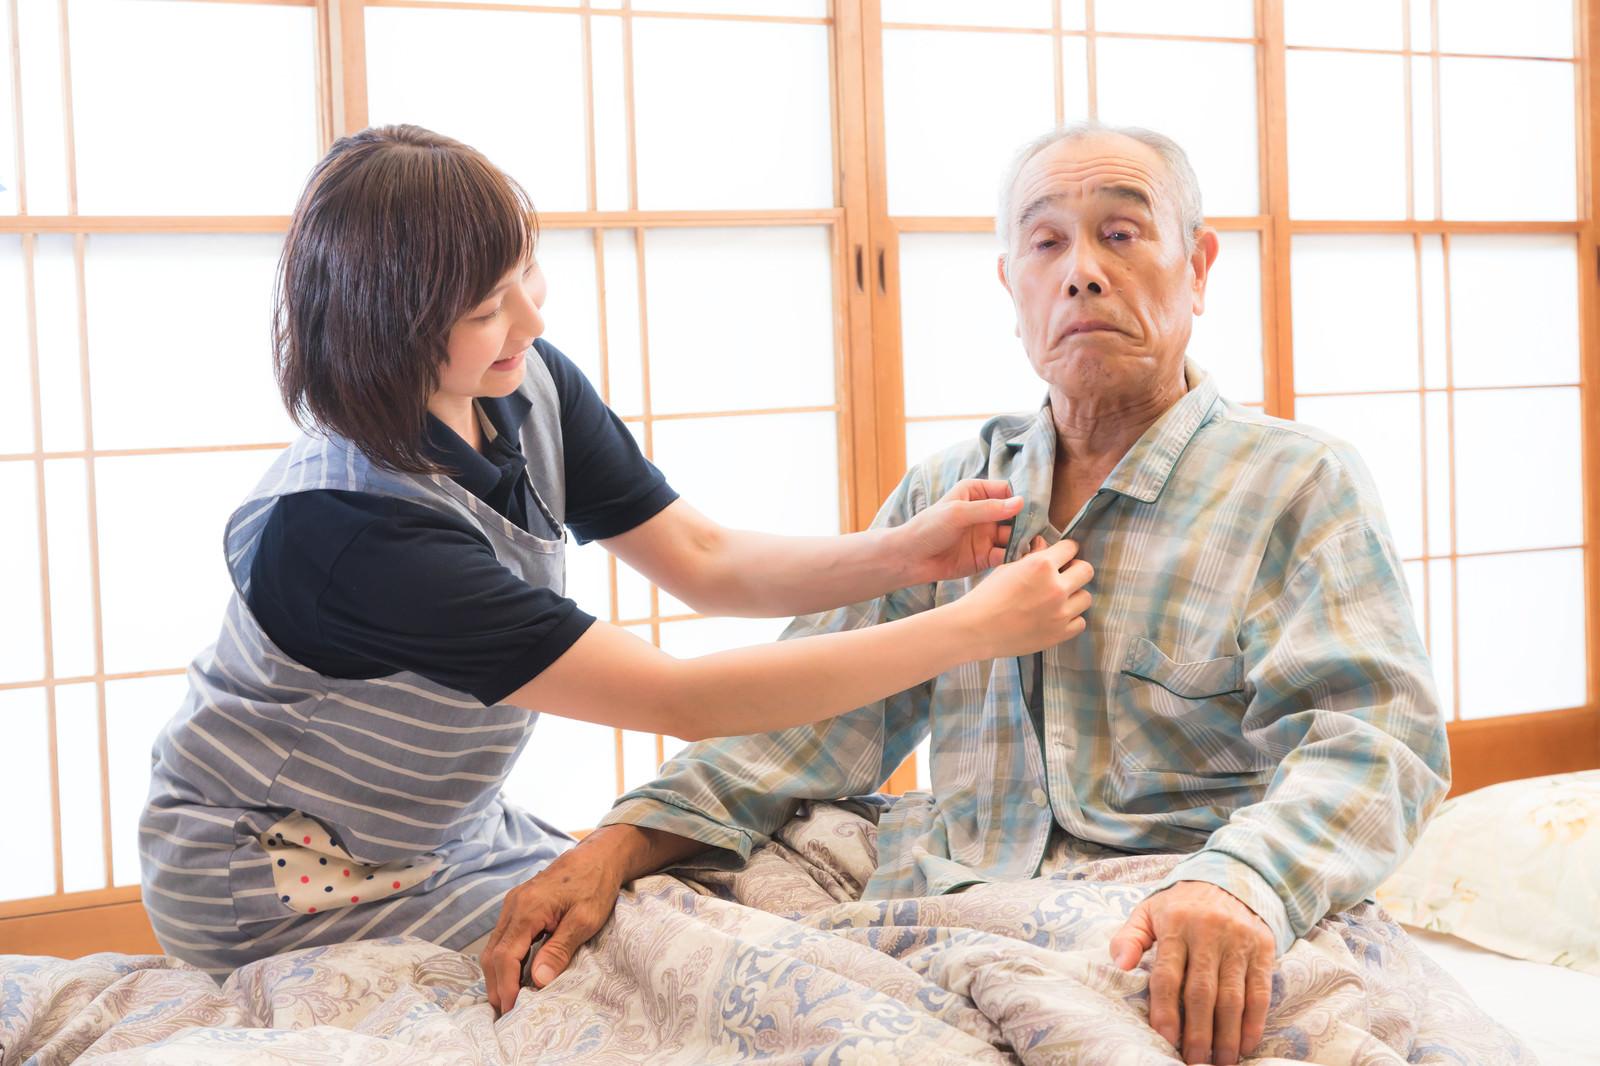 「高齢者のパジャマのボタンをつける出張介護士」の写真[モデル:まーちゃん yumiko]